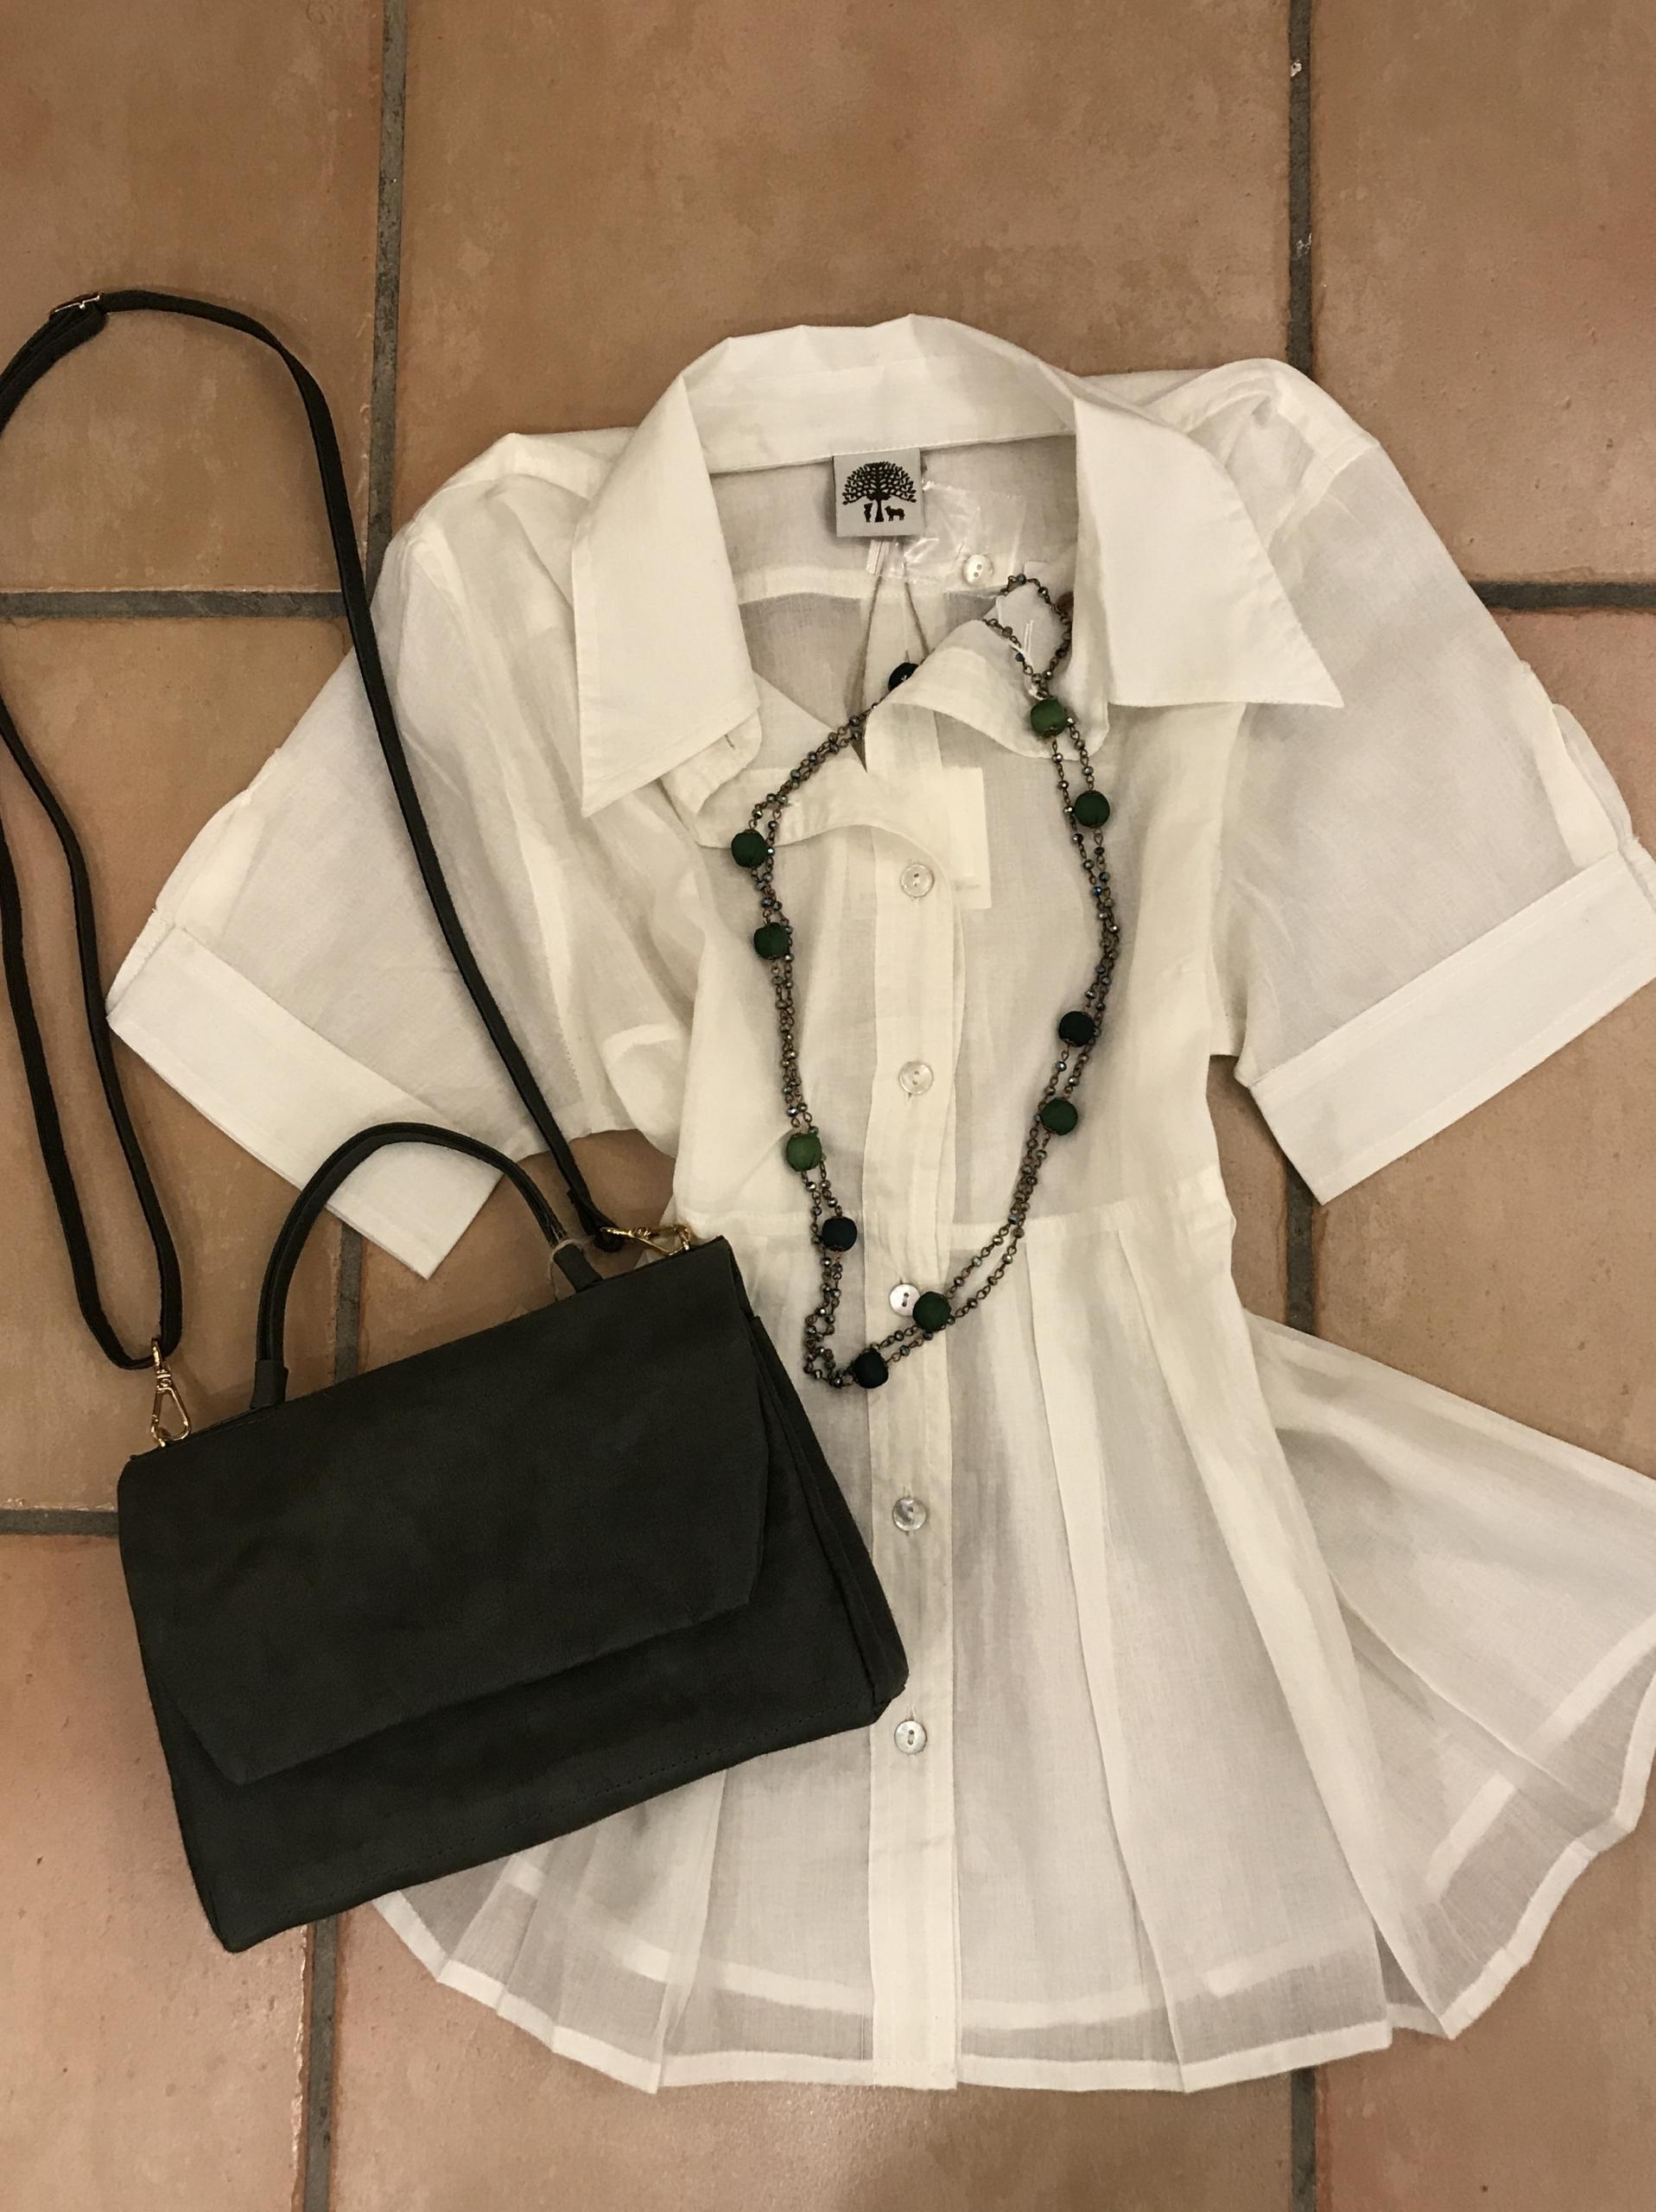 camicia 100% cotone, borsa in carta lavabile, collana con cristalli e seta.